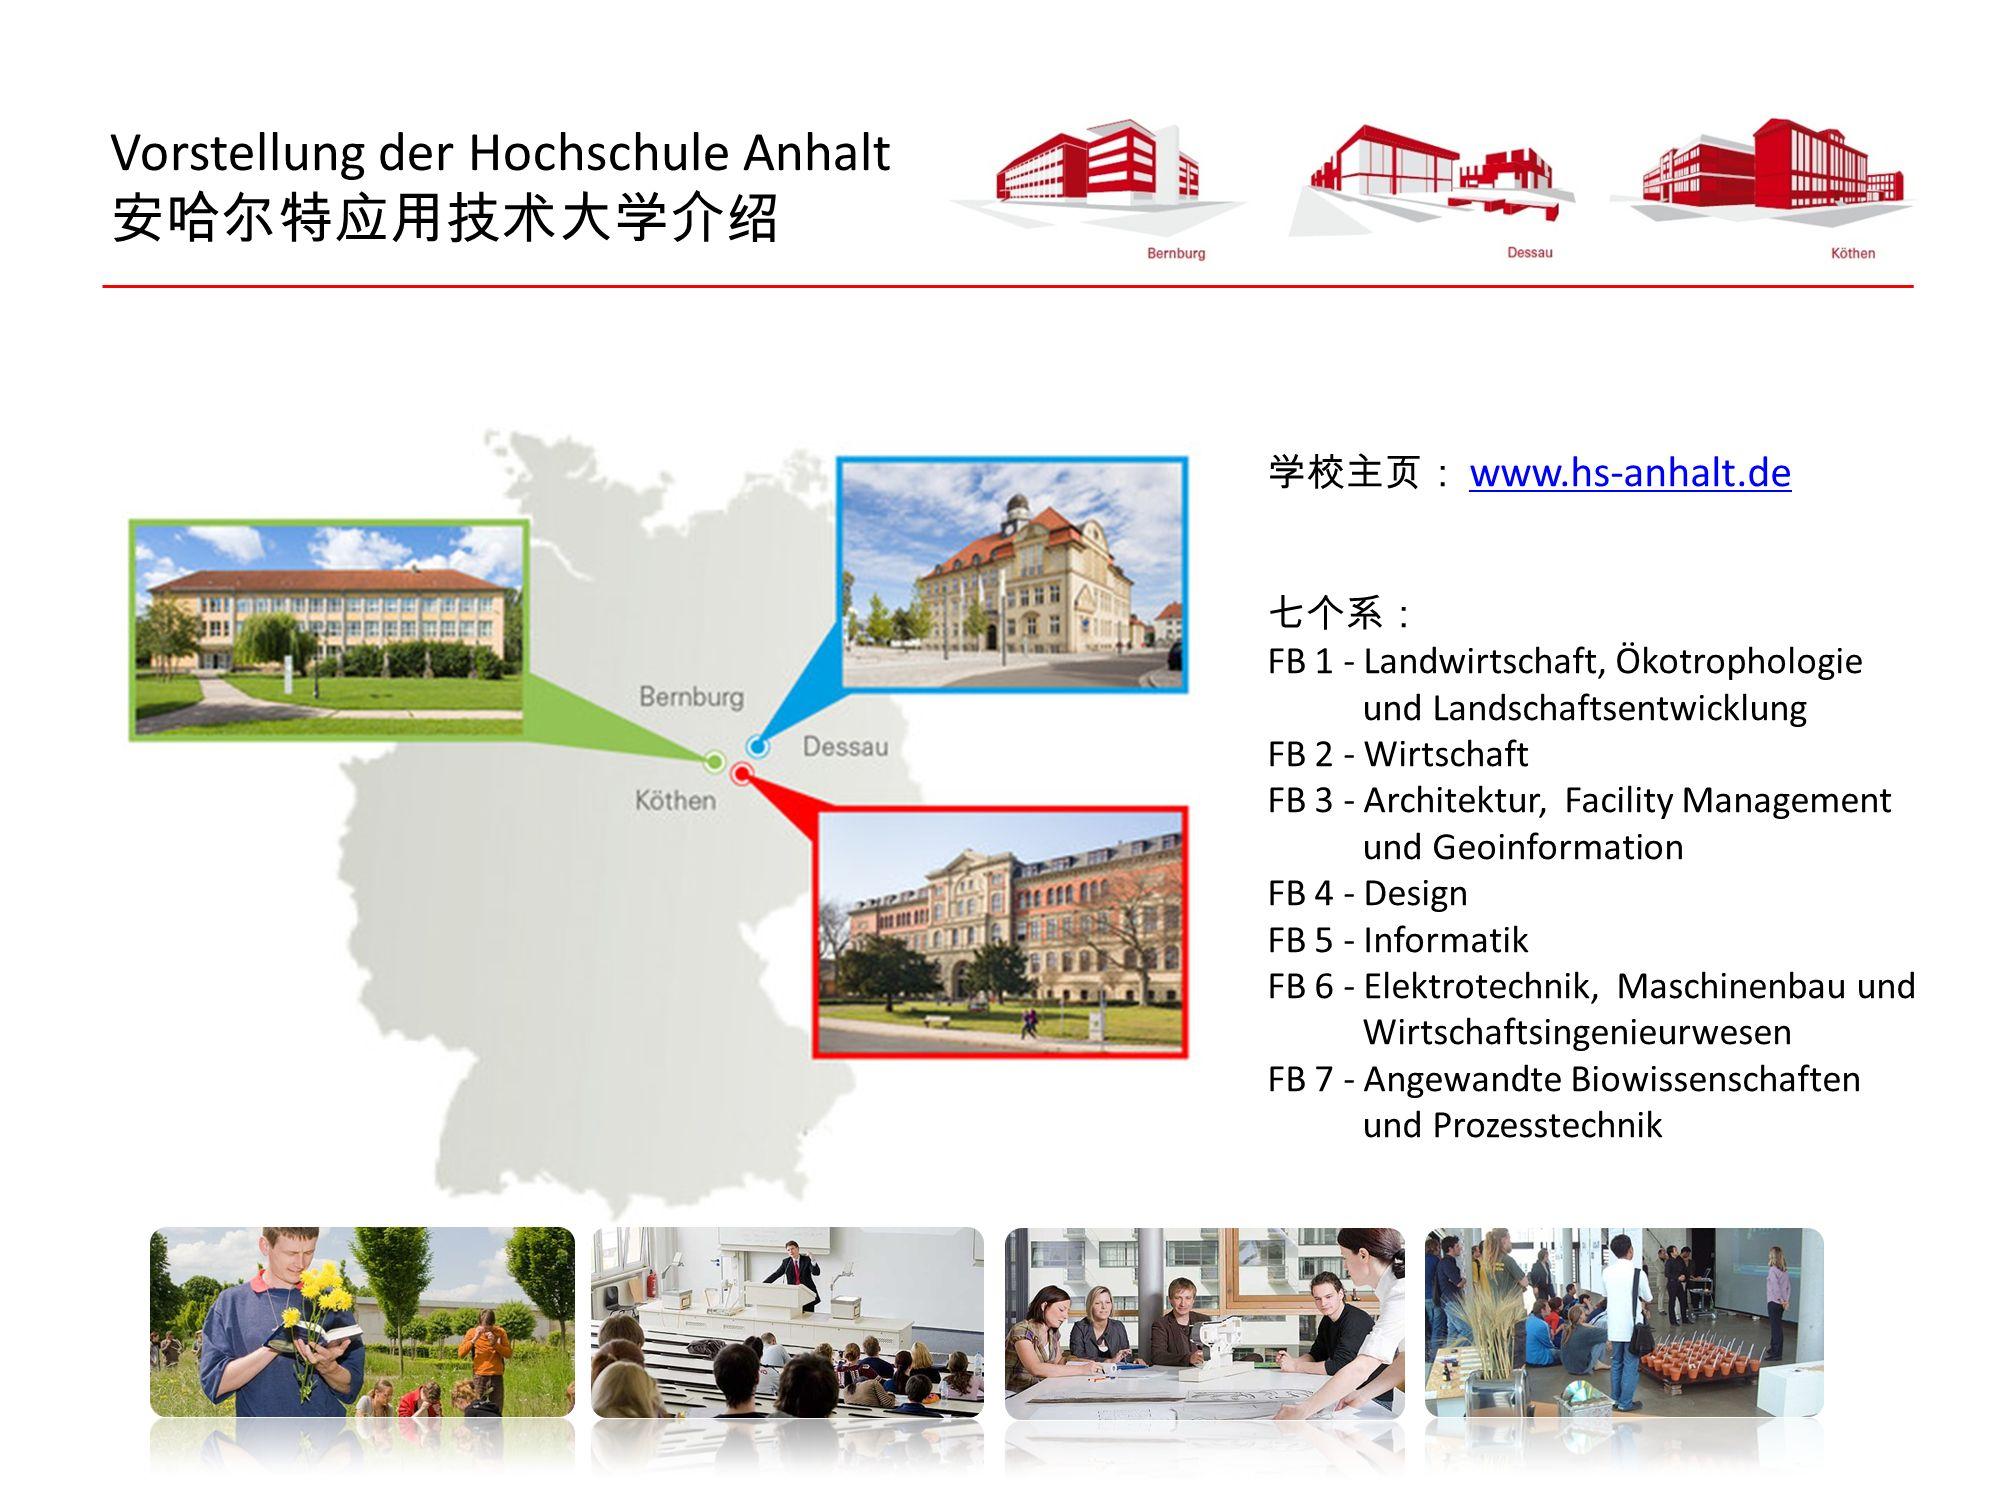 Vorstellung der Hochschule Anhalt 安哈尔特应用技术大学介绍 学校主页: www.hs-anhalt.de www.hs-anhalt.de 七个系: FB 1 - Landwirtschaft, Ökotrophologie und Landschaftsentwi